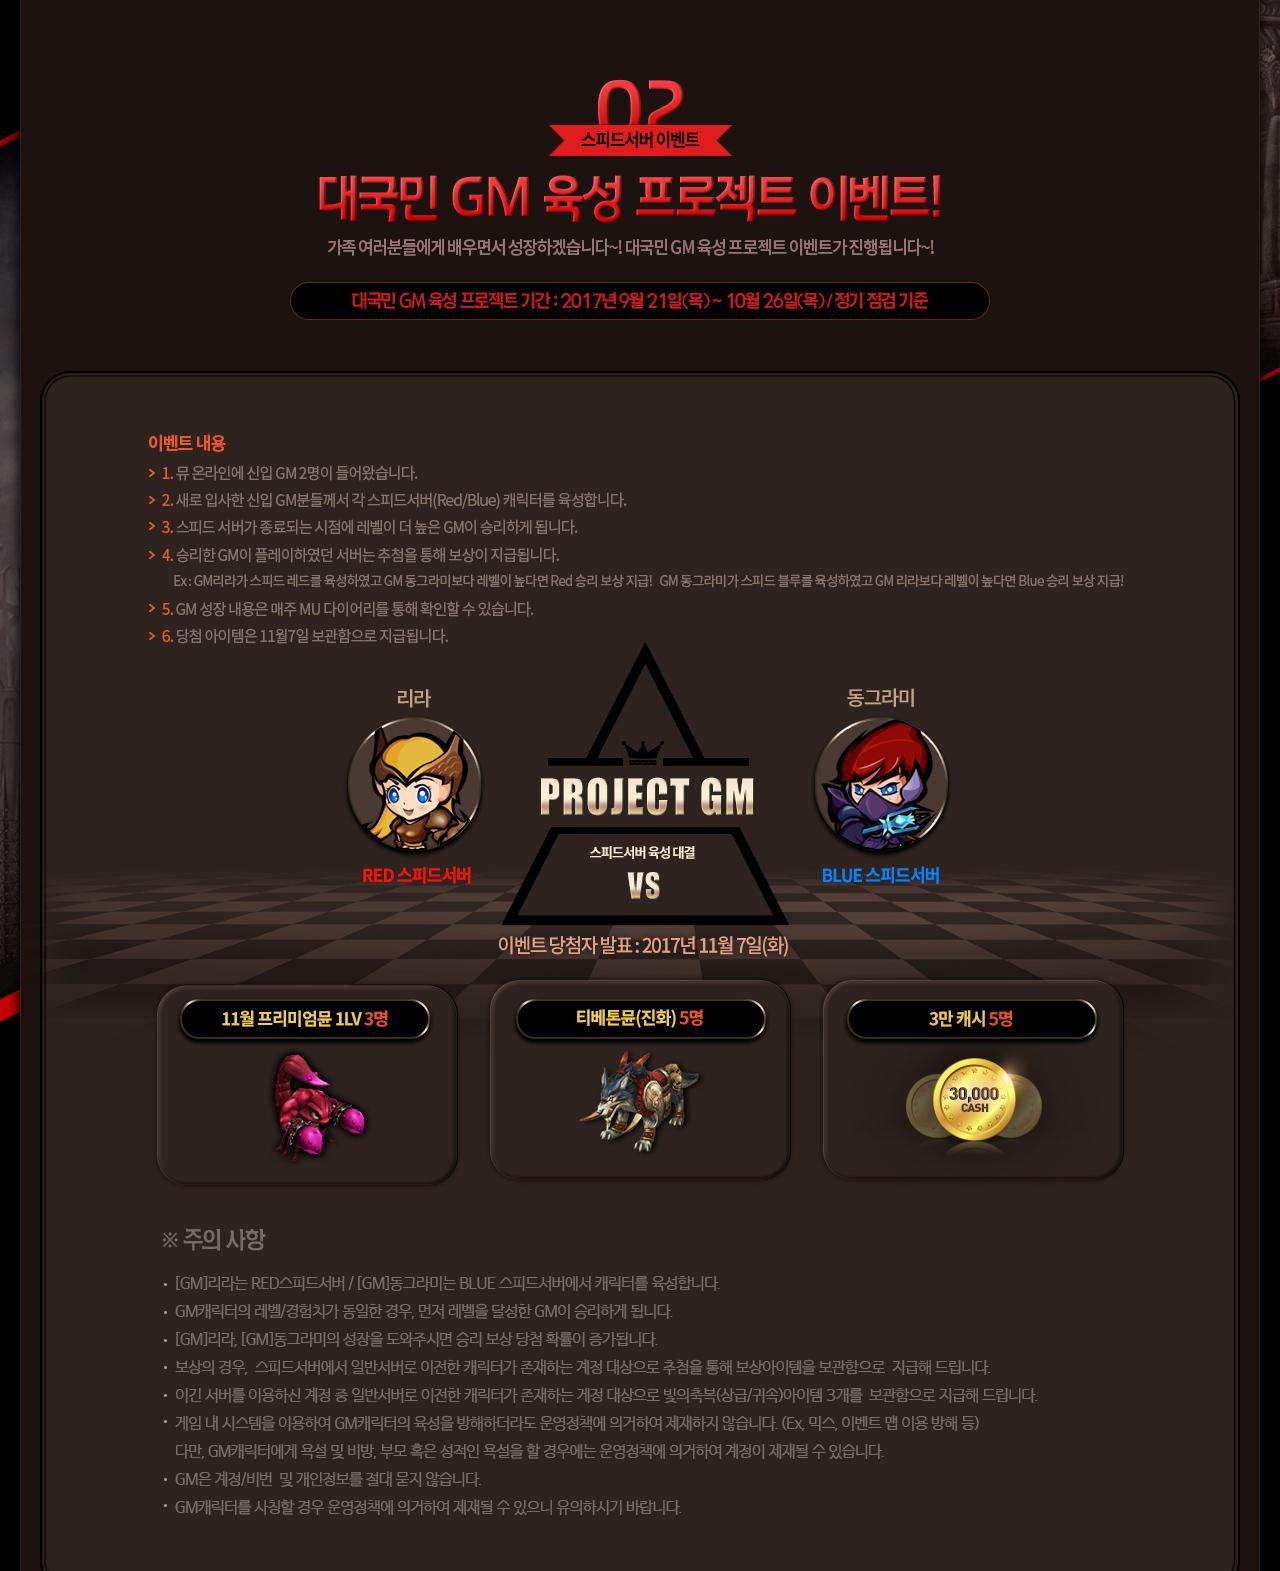 대국민 GM 육성 프로젝트 이벤트!